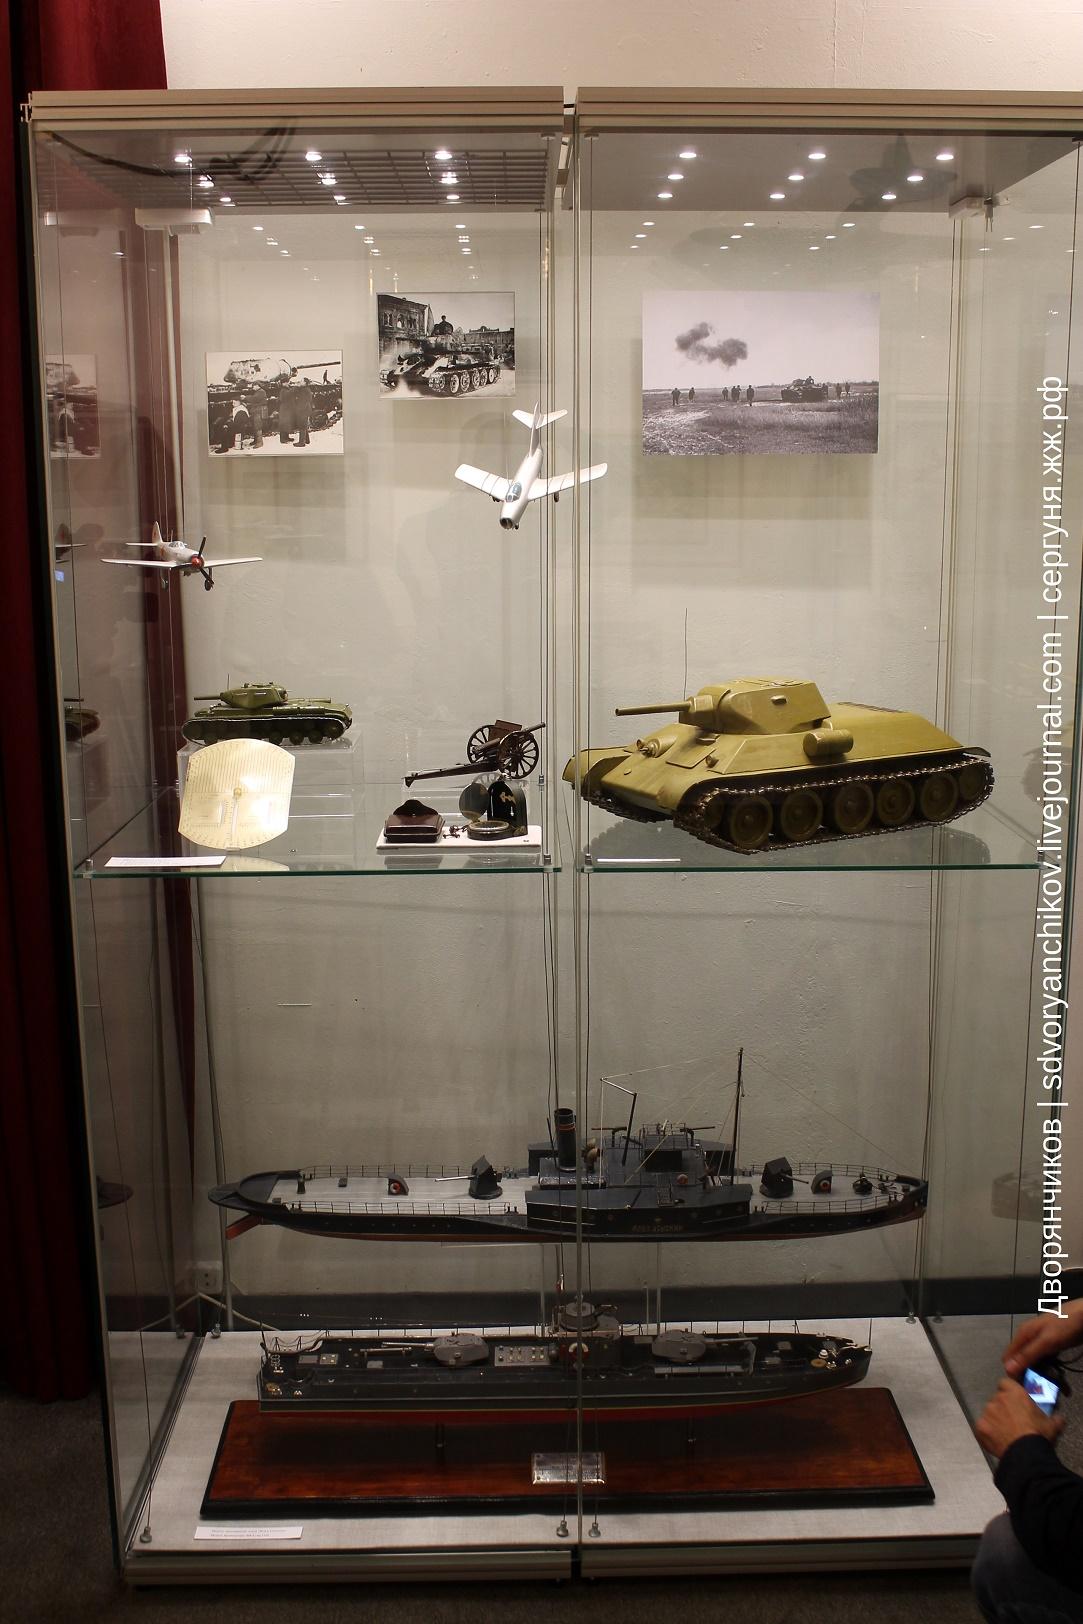 МИМ - Военная техника в миниатюре